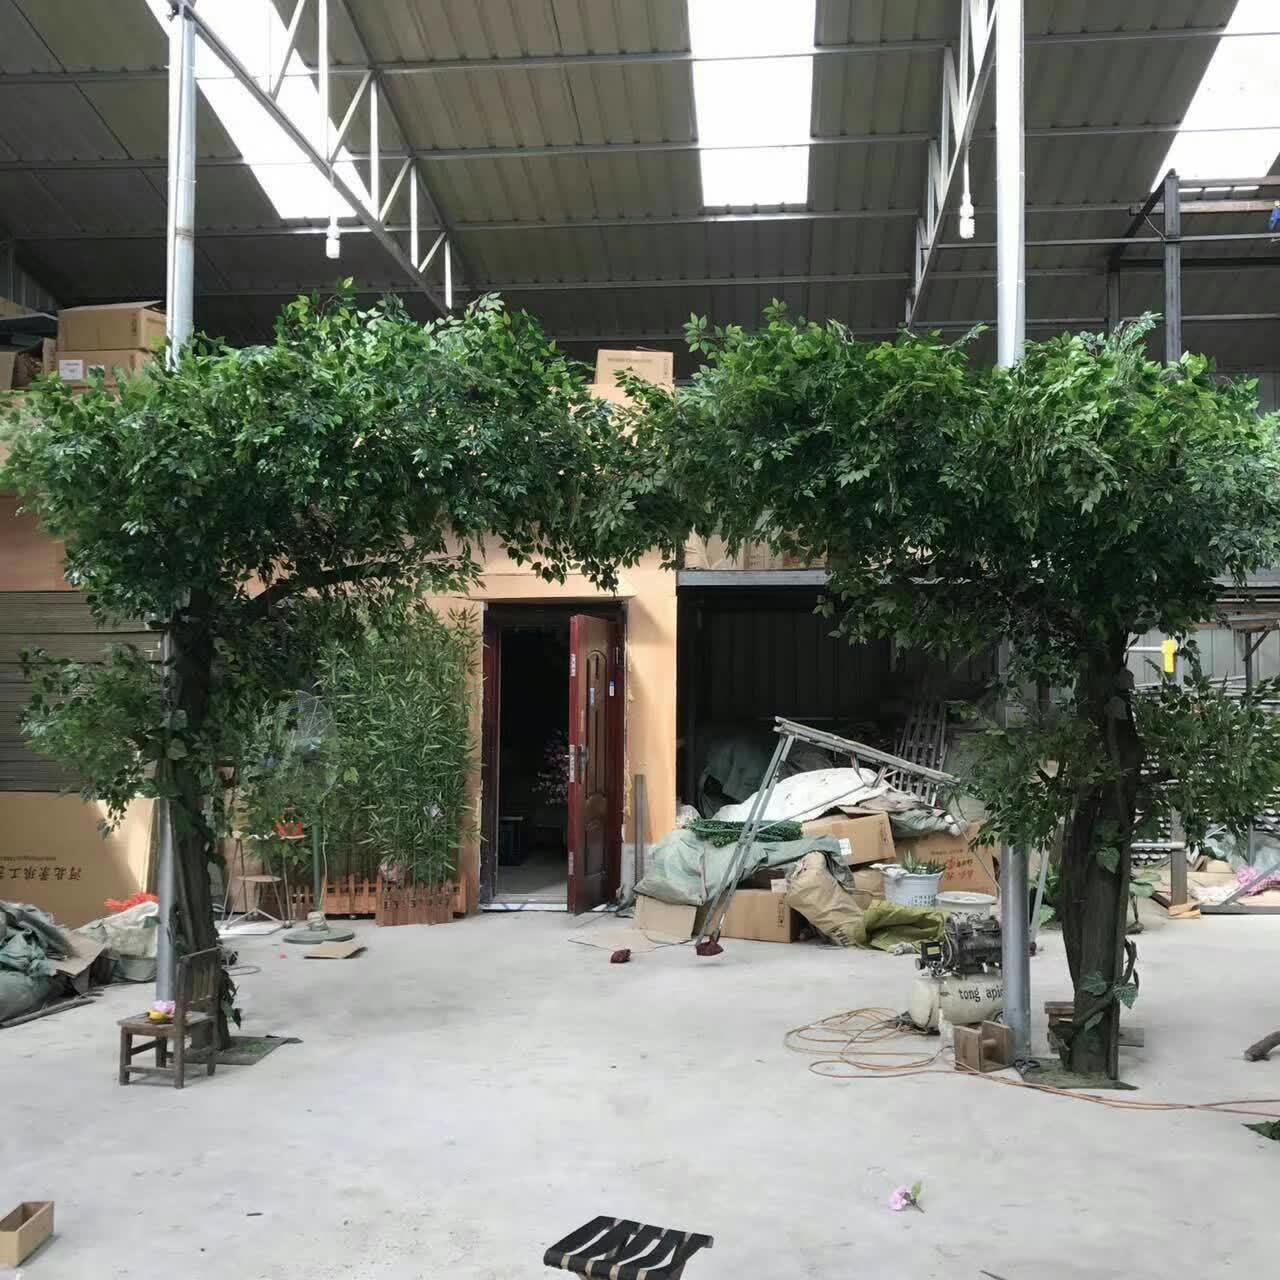 仿真榕树仿真大型植物装饰商场许愿树实木树工程观花室内假树